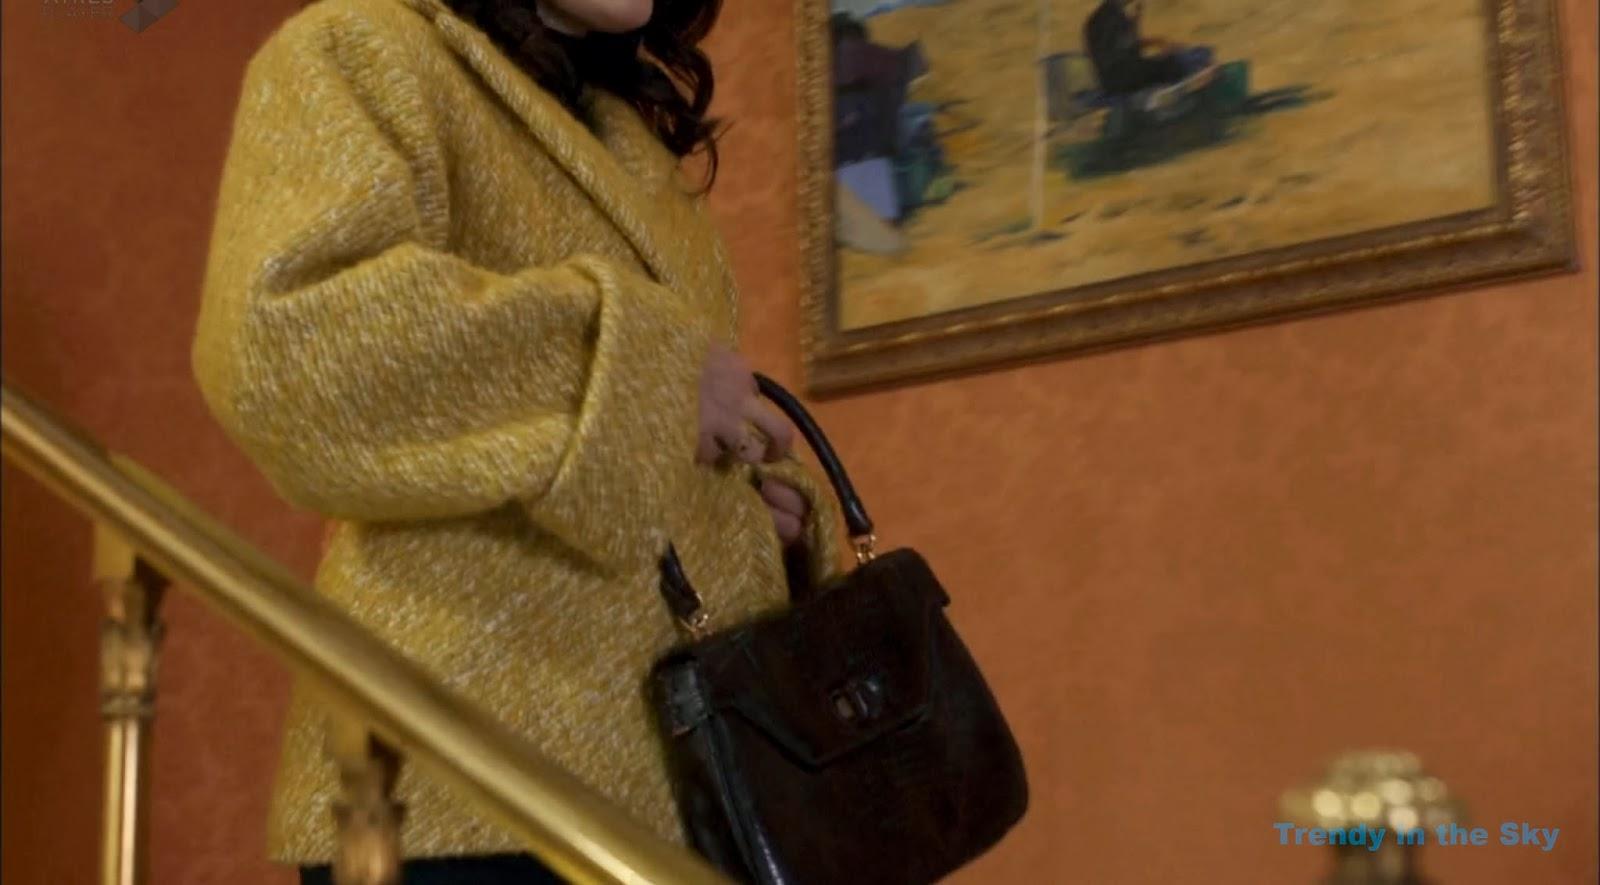 Sira Quiroga abrigo mostaza. El tiempo entre costuras. Capítulo 10